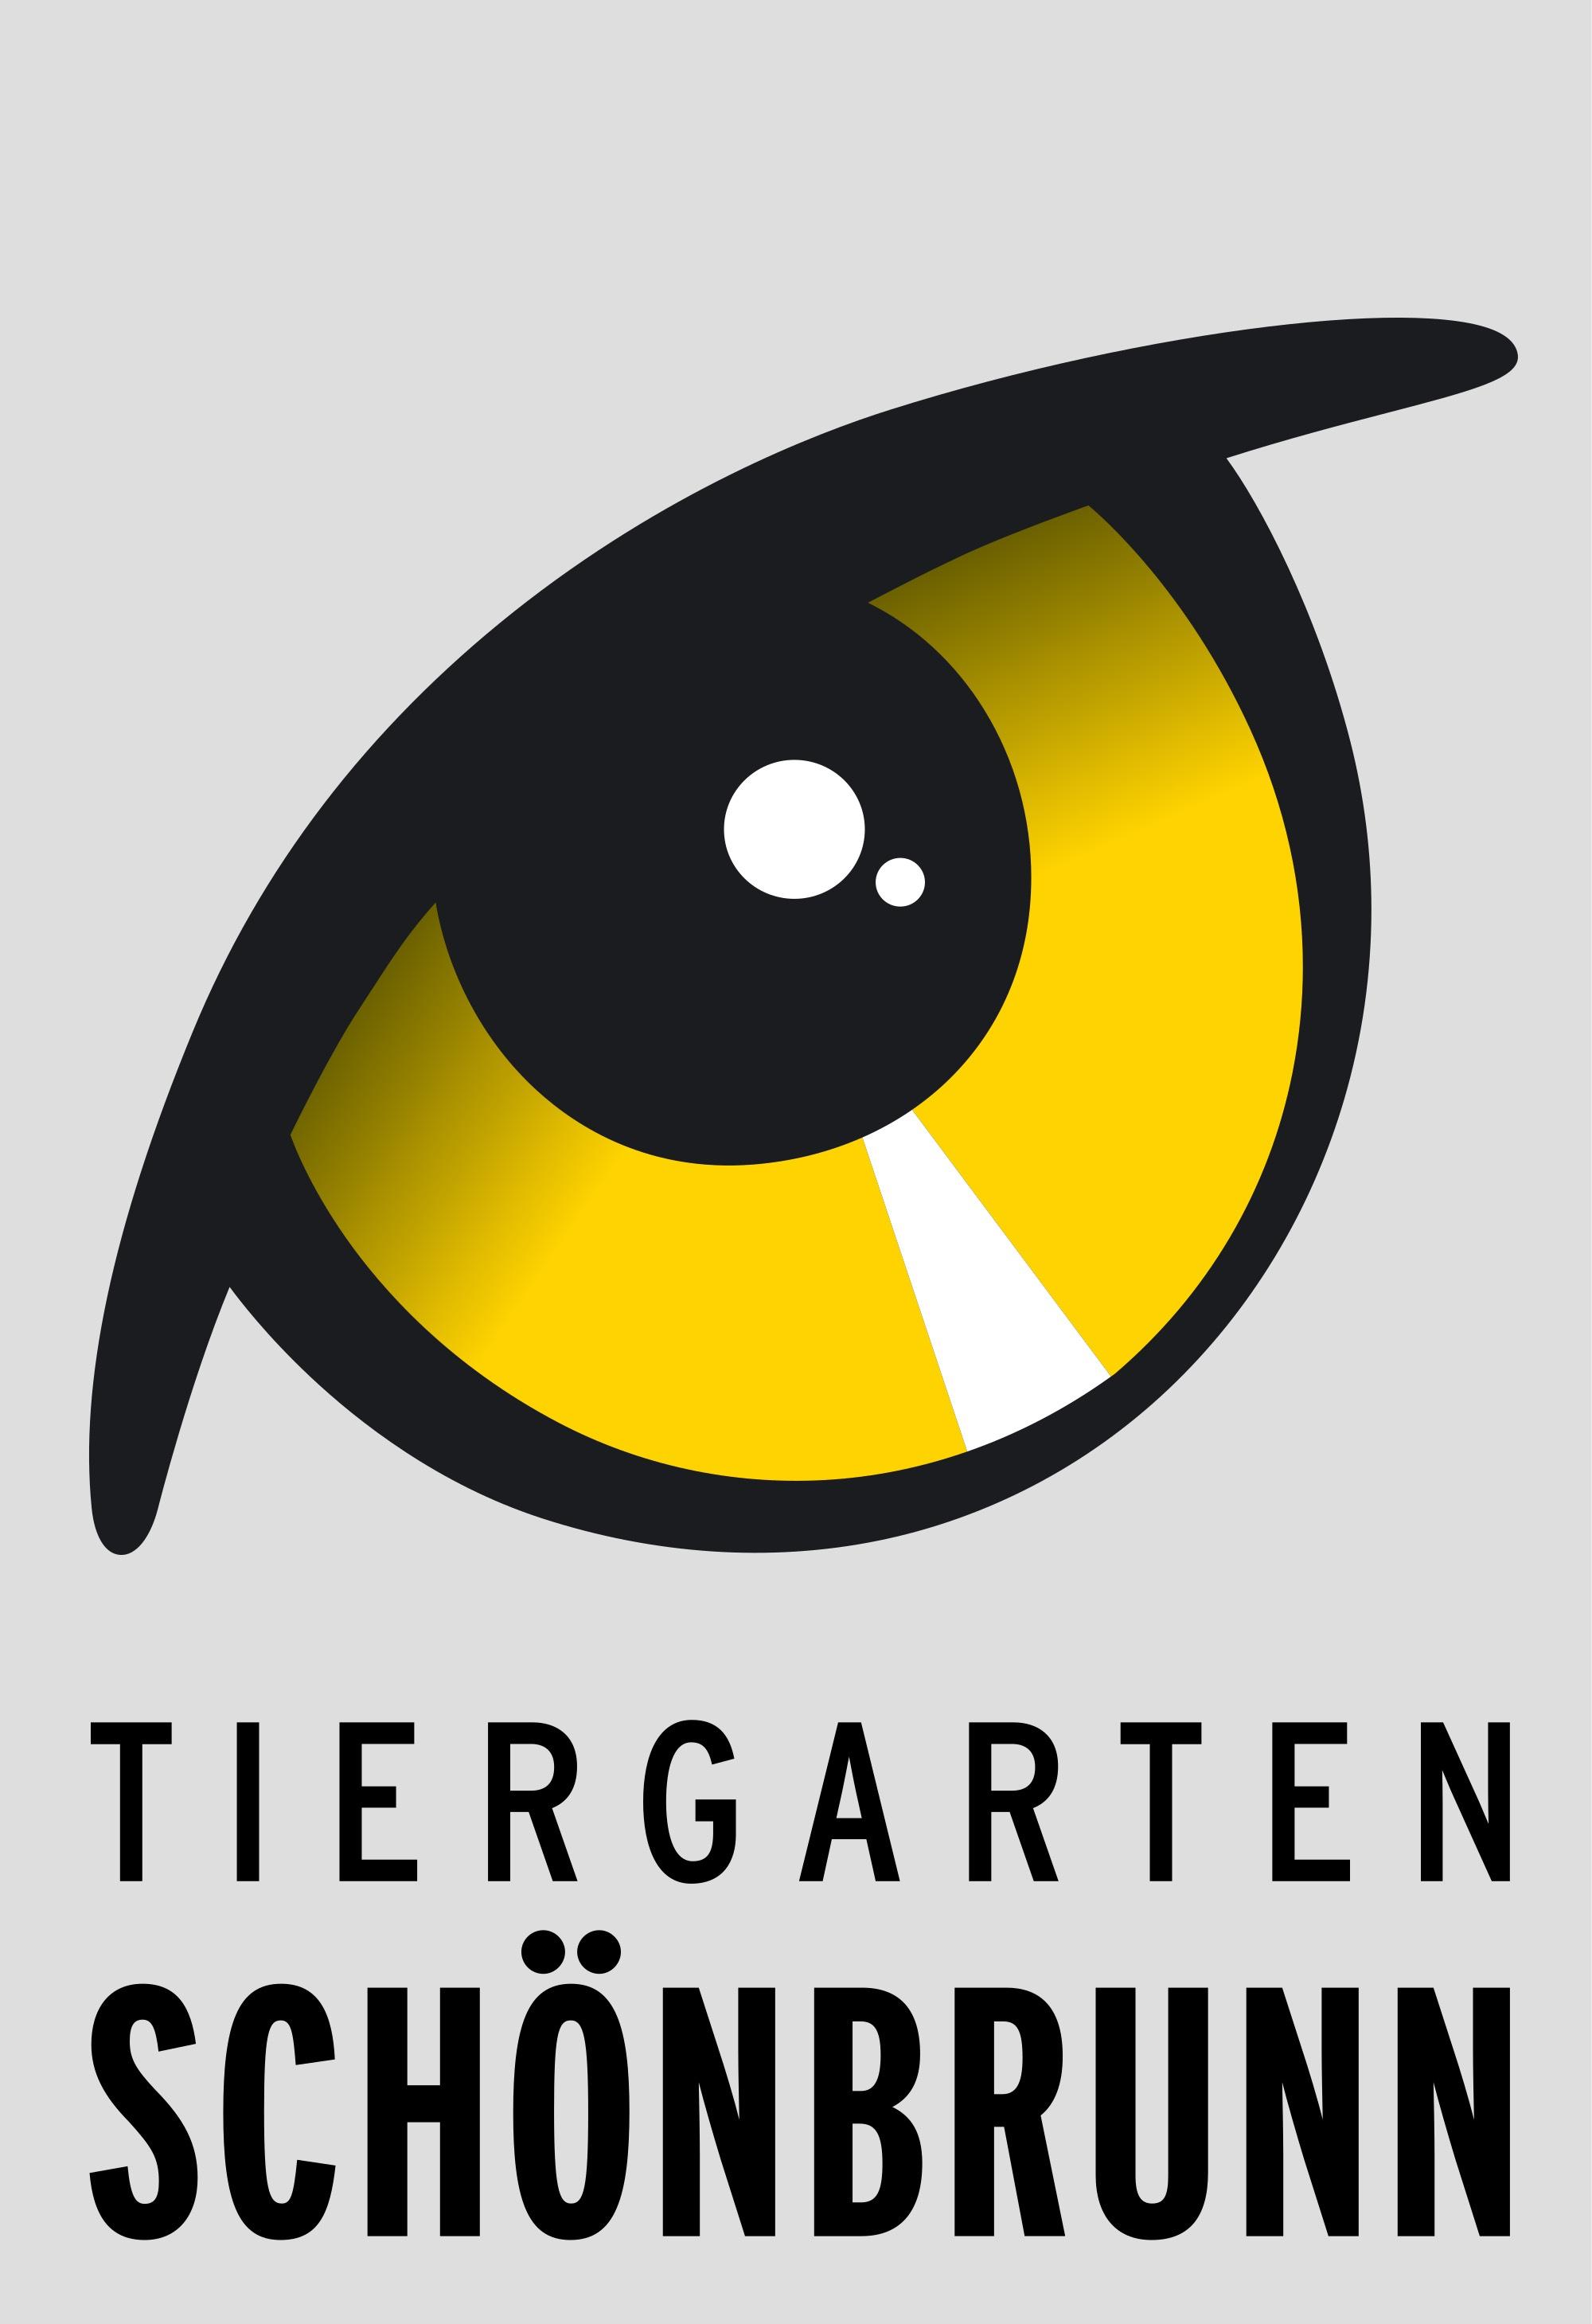 Tiergarten Schönbrunn: -10% mit Merkur App